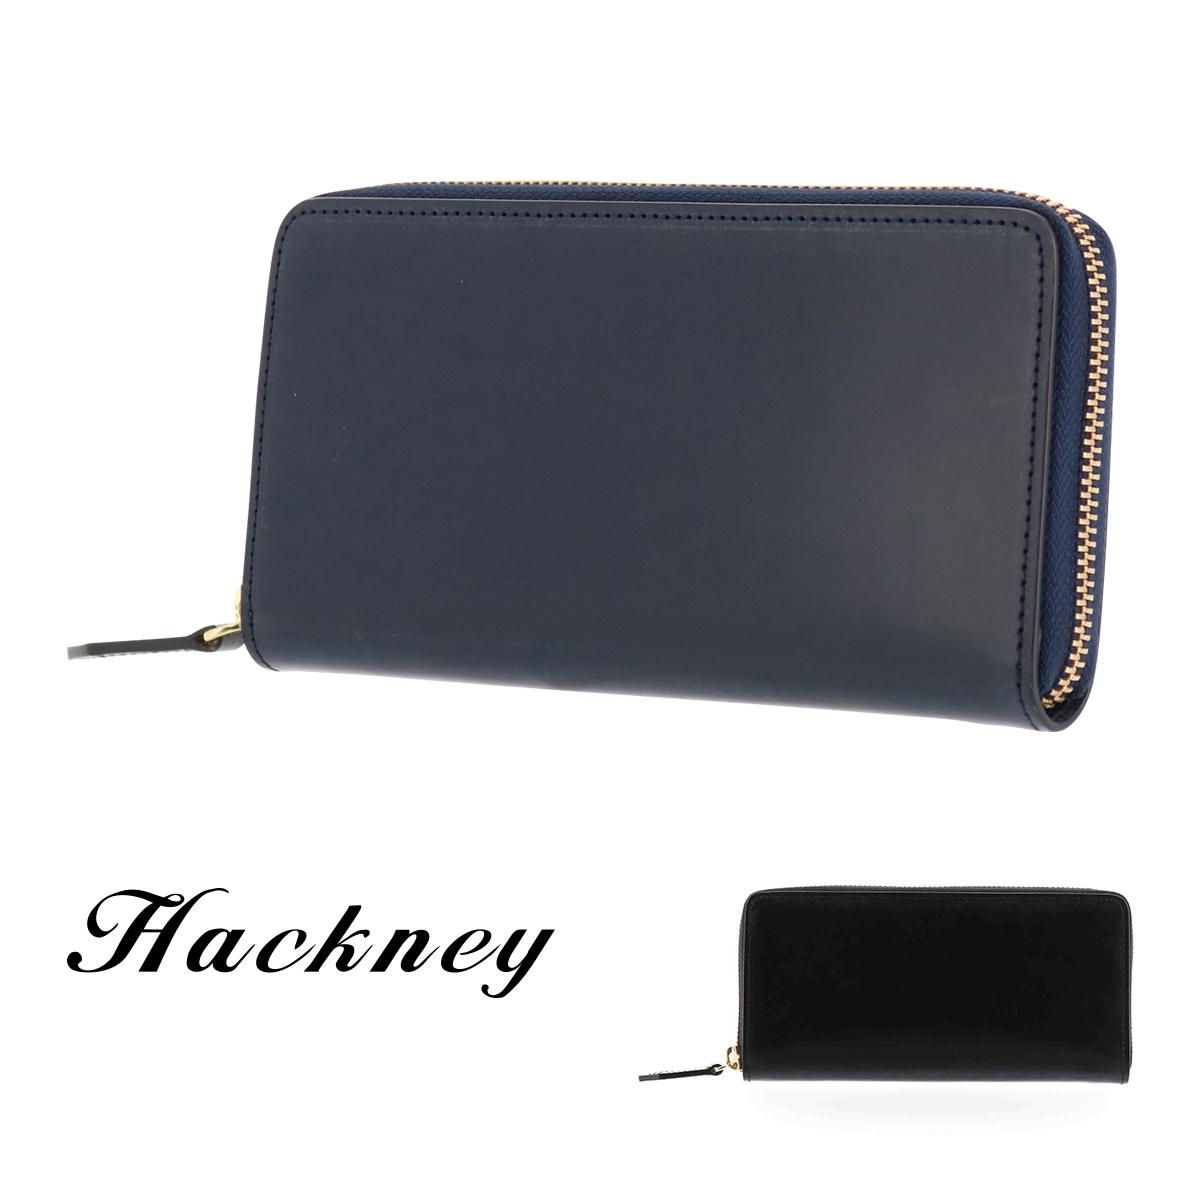 ハックニー 長財布 ラウンドファスナー メンズ HK-900 Hackney ブライドルレザー イタリアンレザー [PO10][bef]